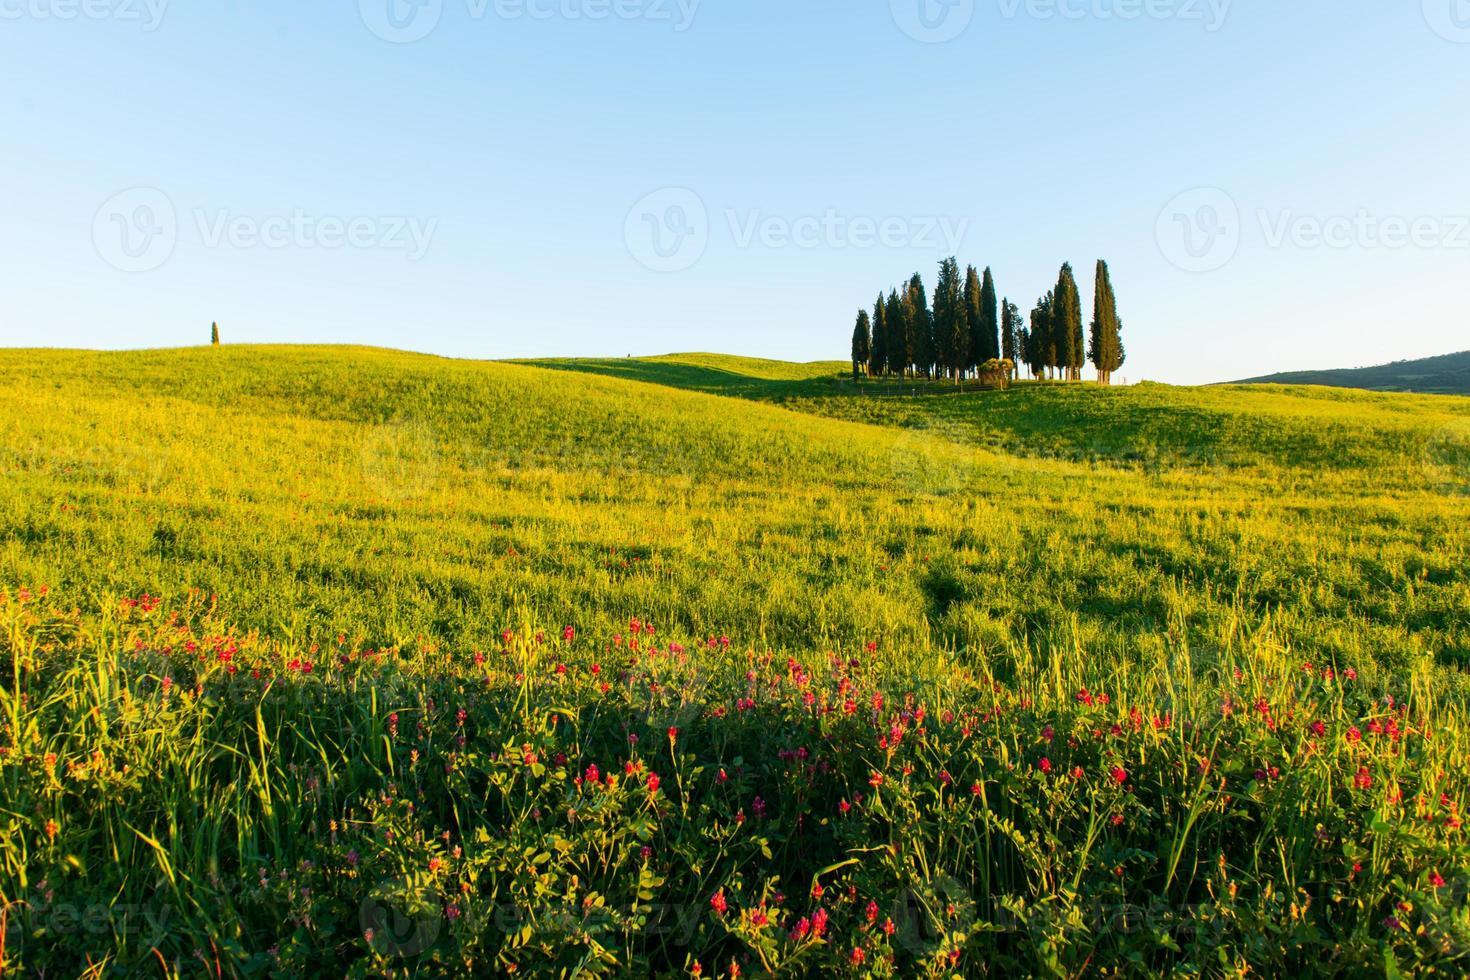 paesaggio toscano vicino a pienza, val d'orcia italia foto